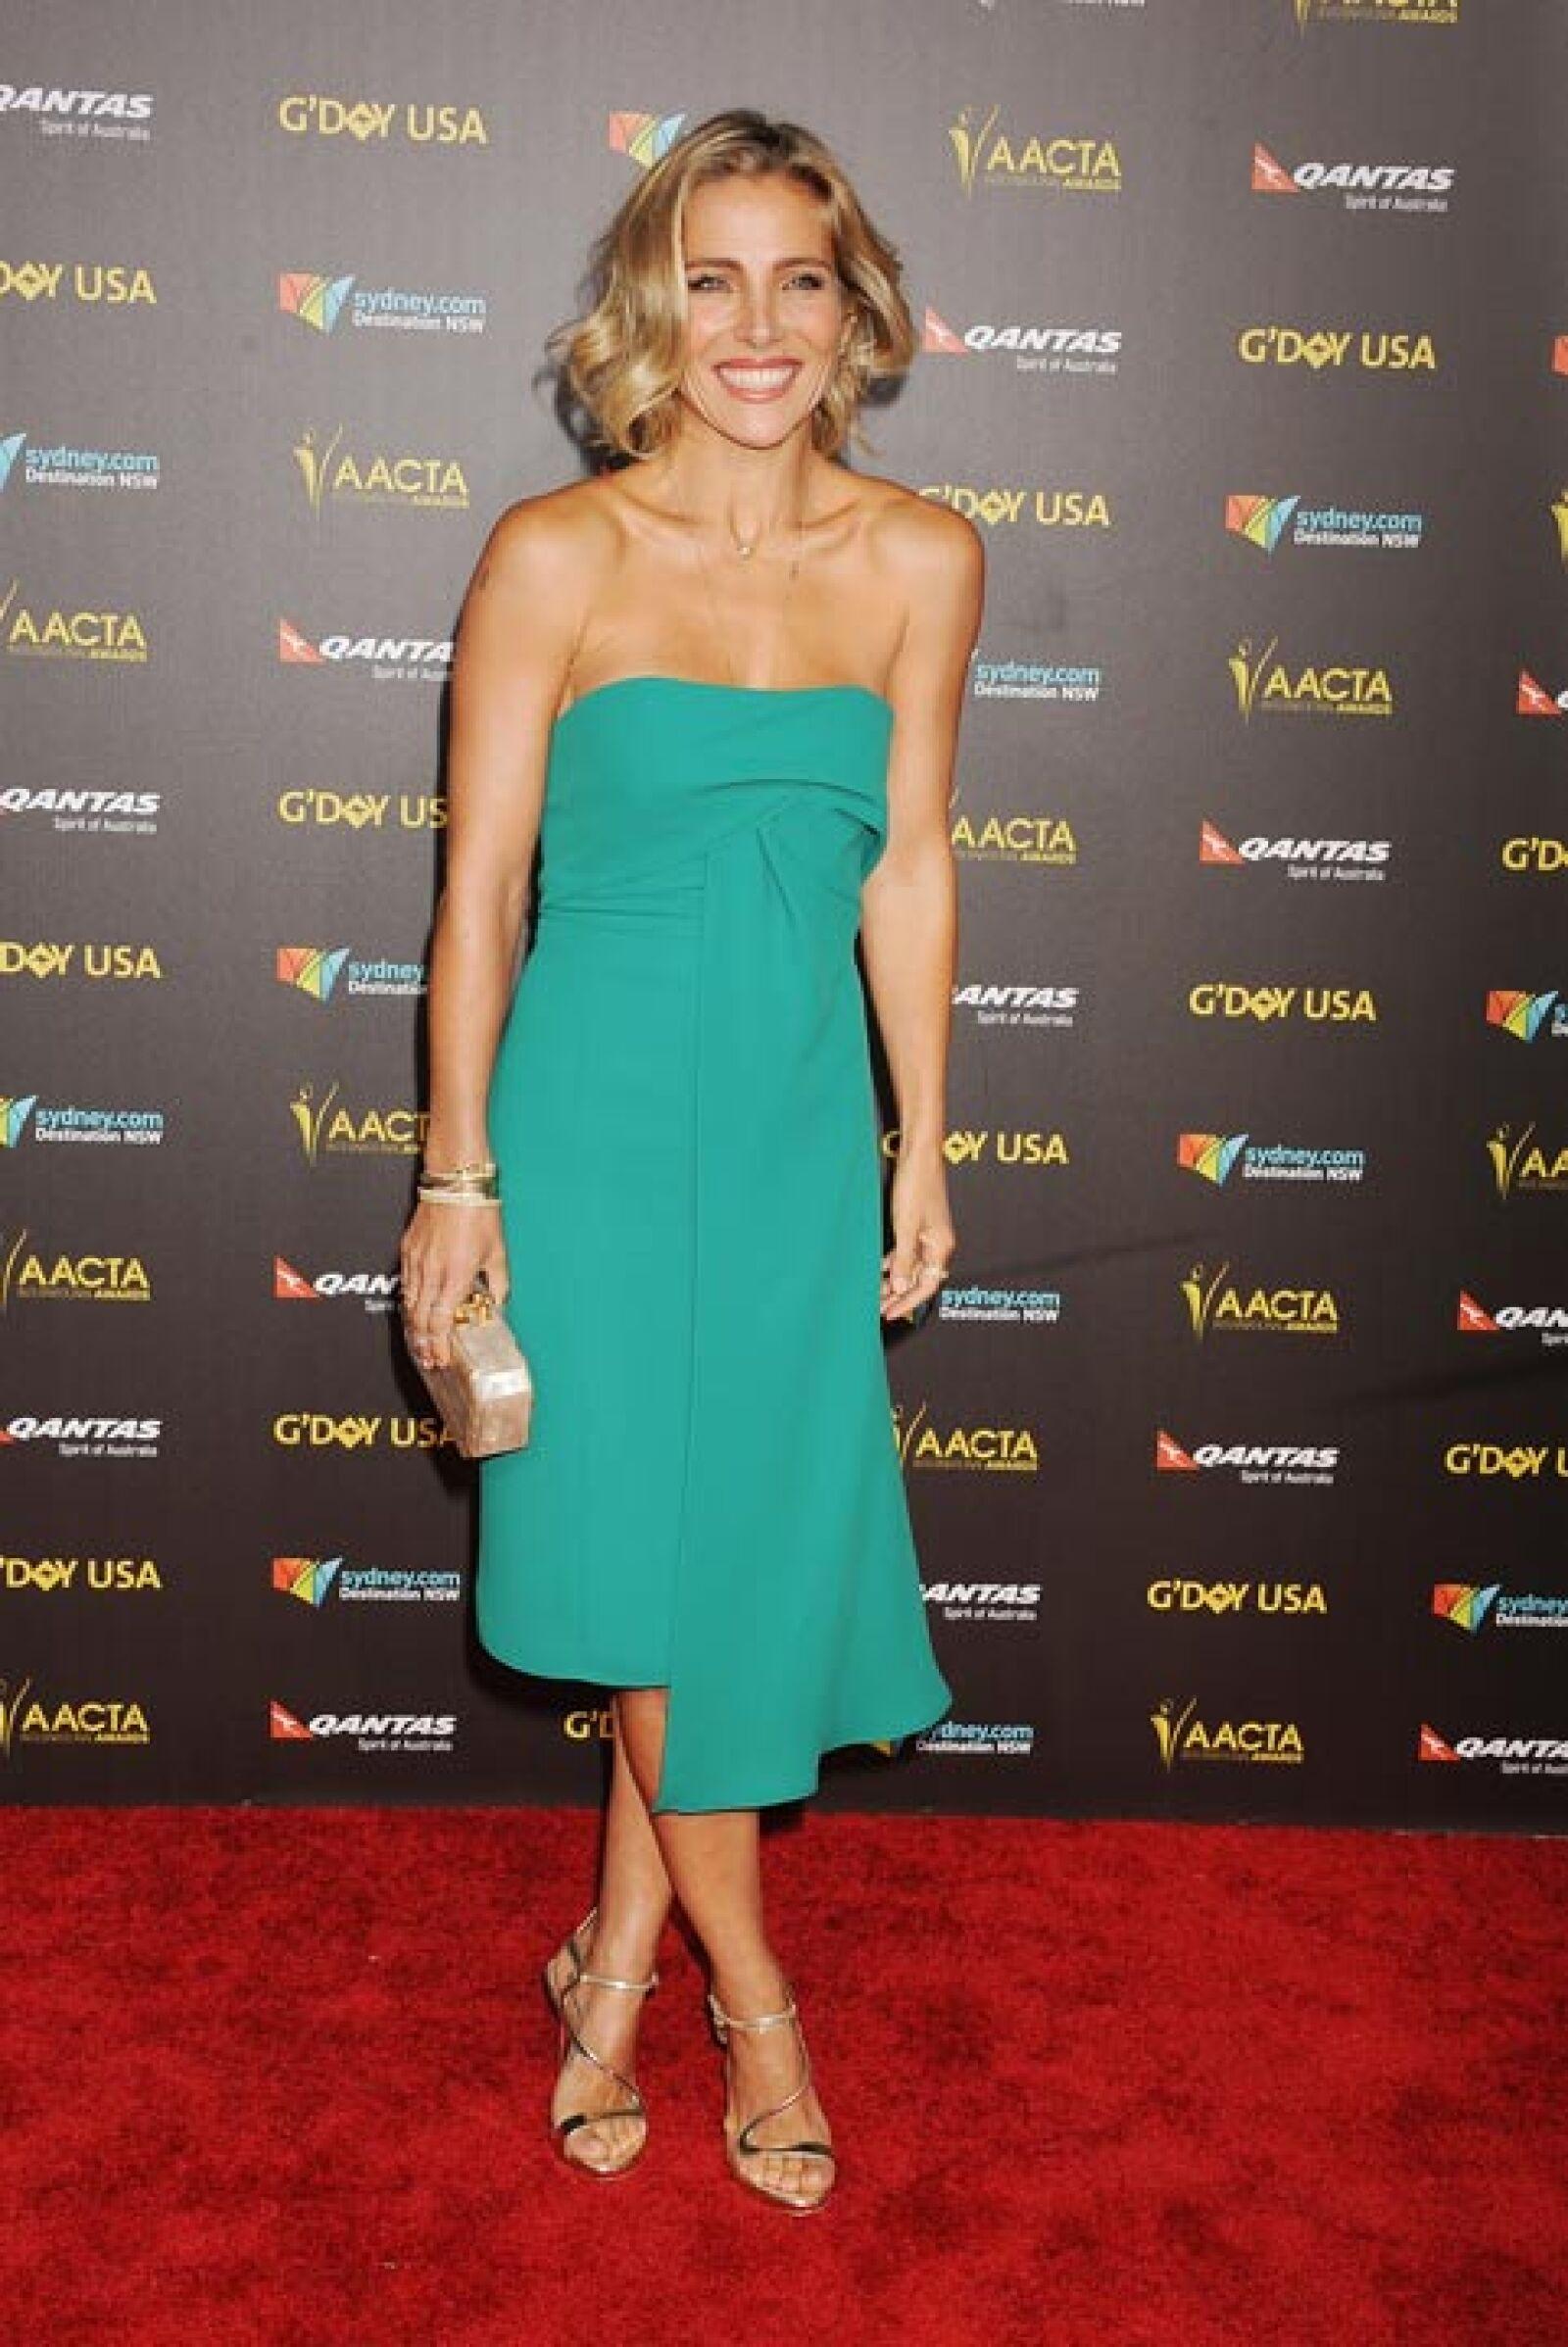 Vestido sencillo color esmeralda, lució la actriz, quien pronto volverá a la actuación.